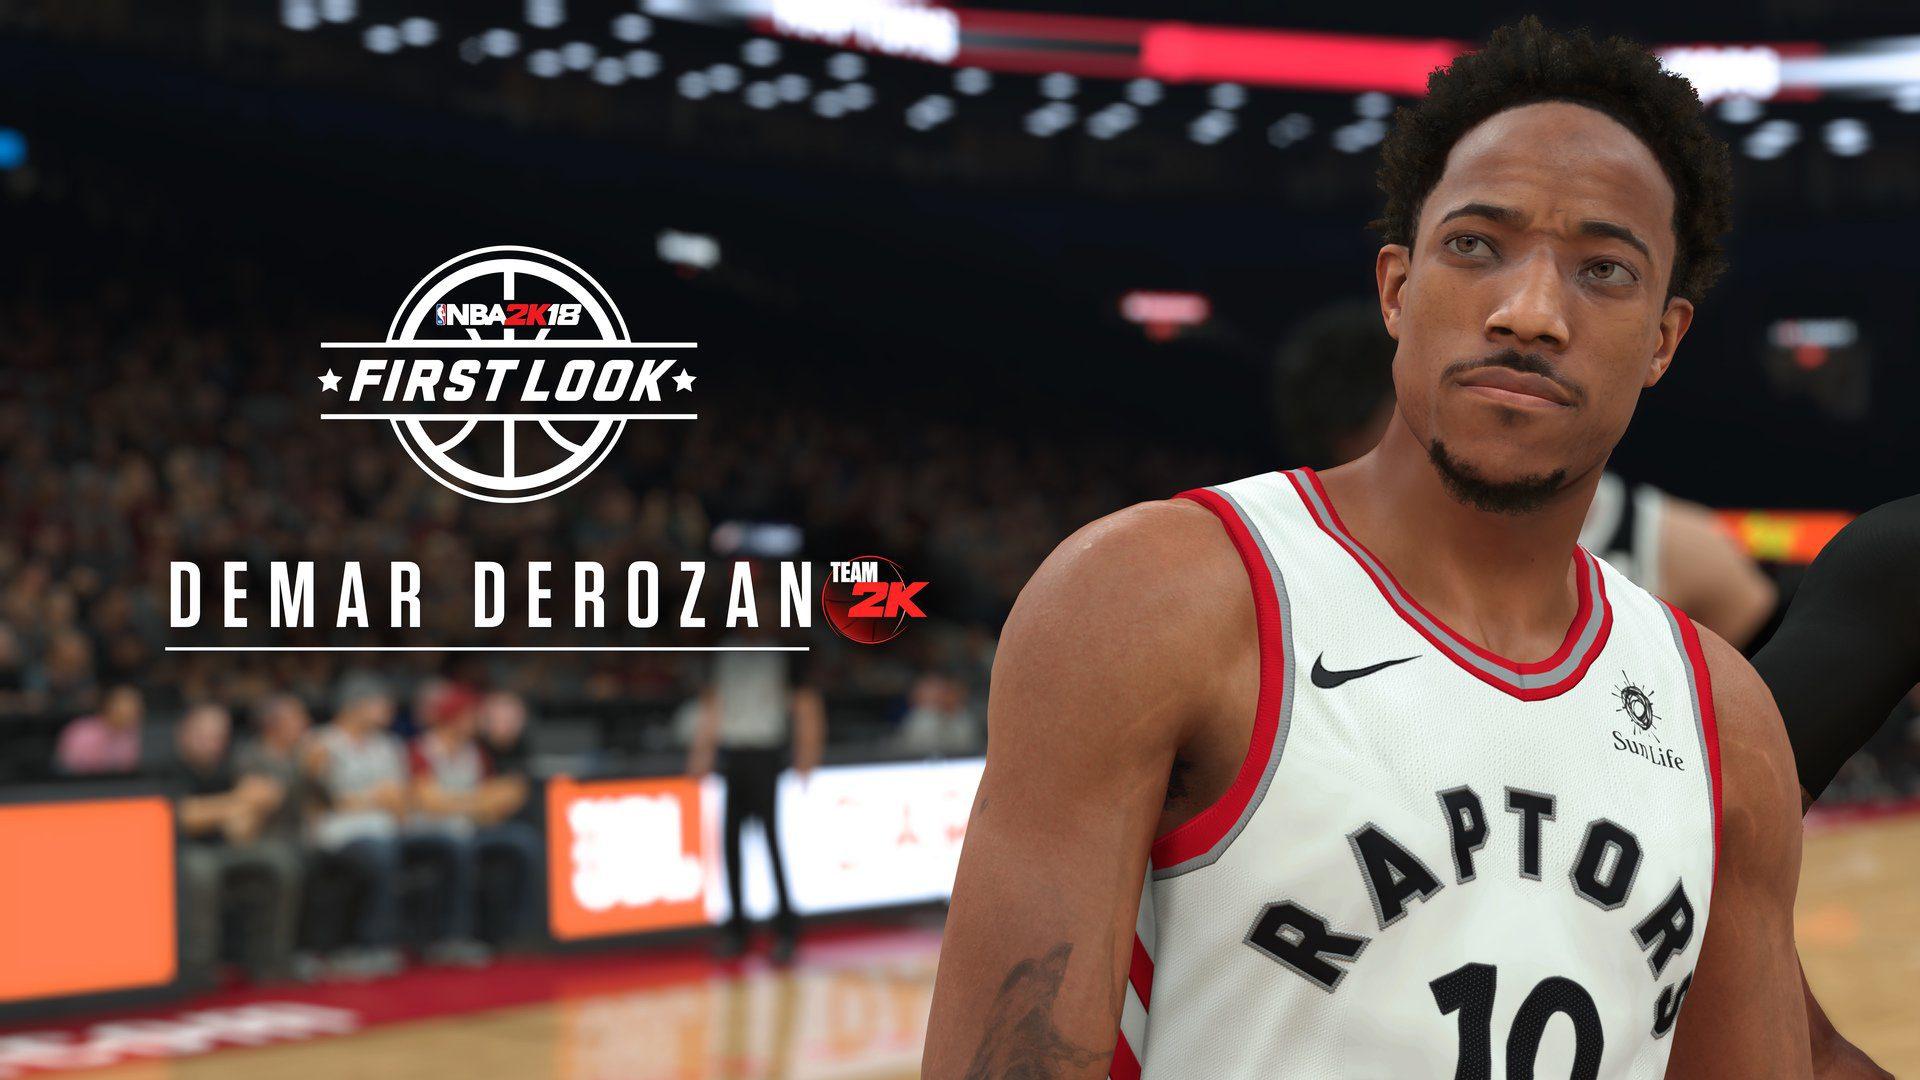 NBA 2K18 DEMAR DEROZAN